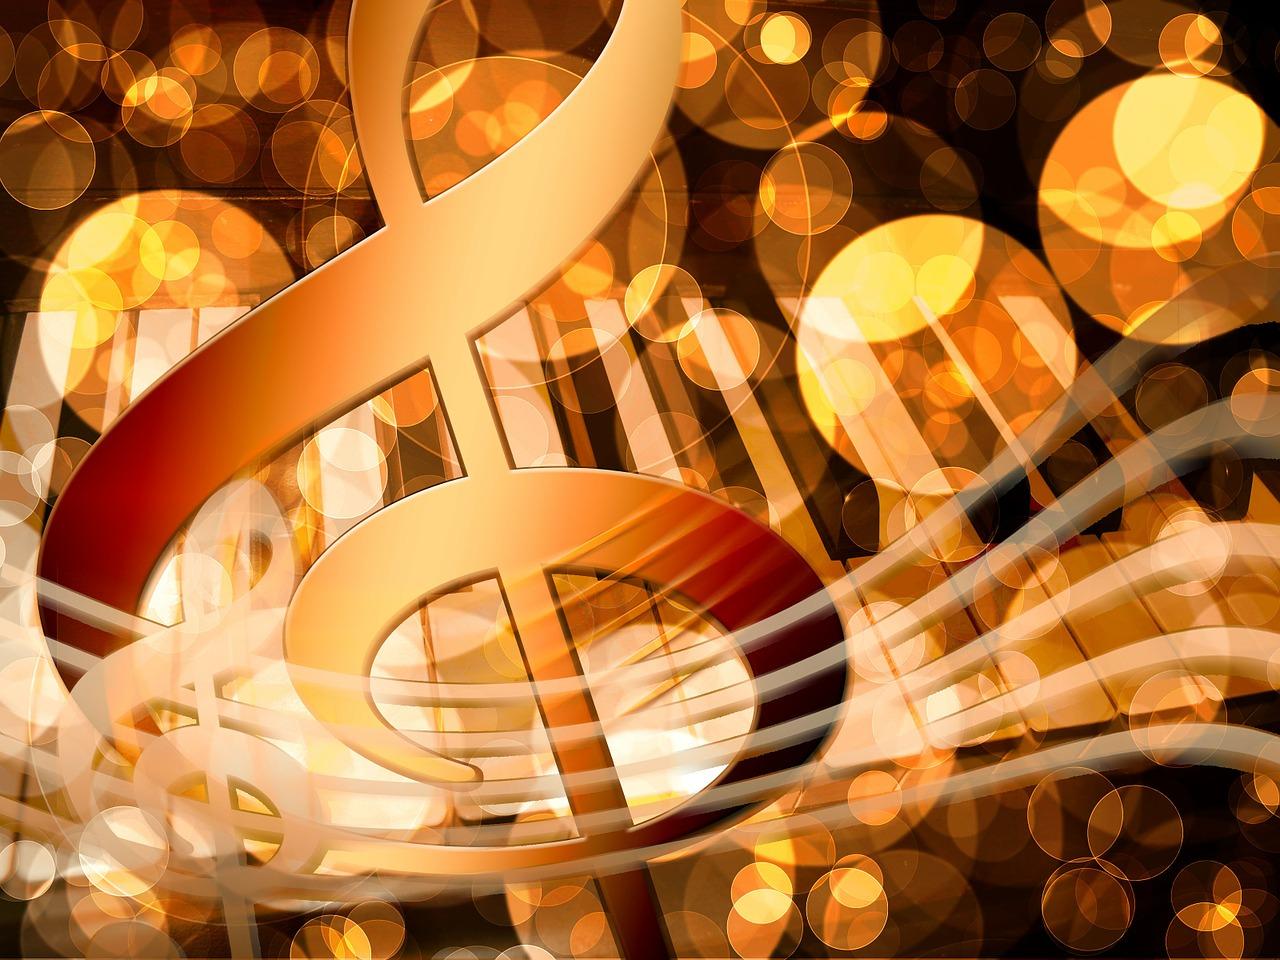 muziek herinneringen